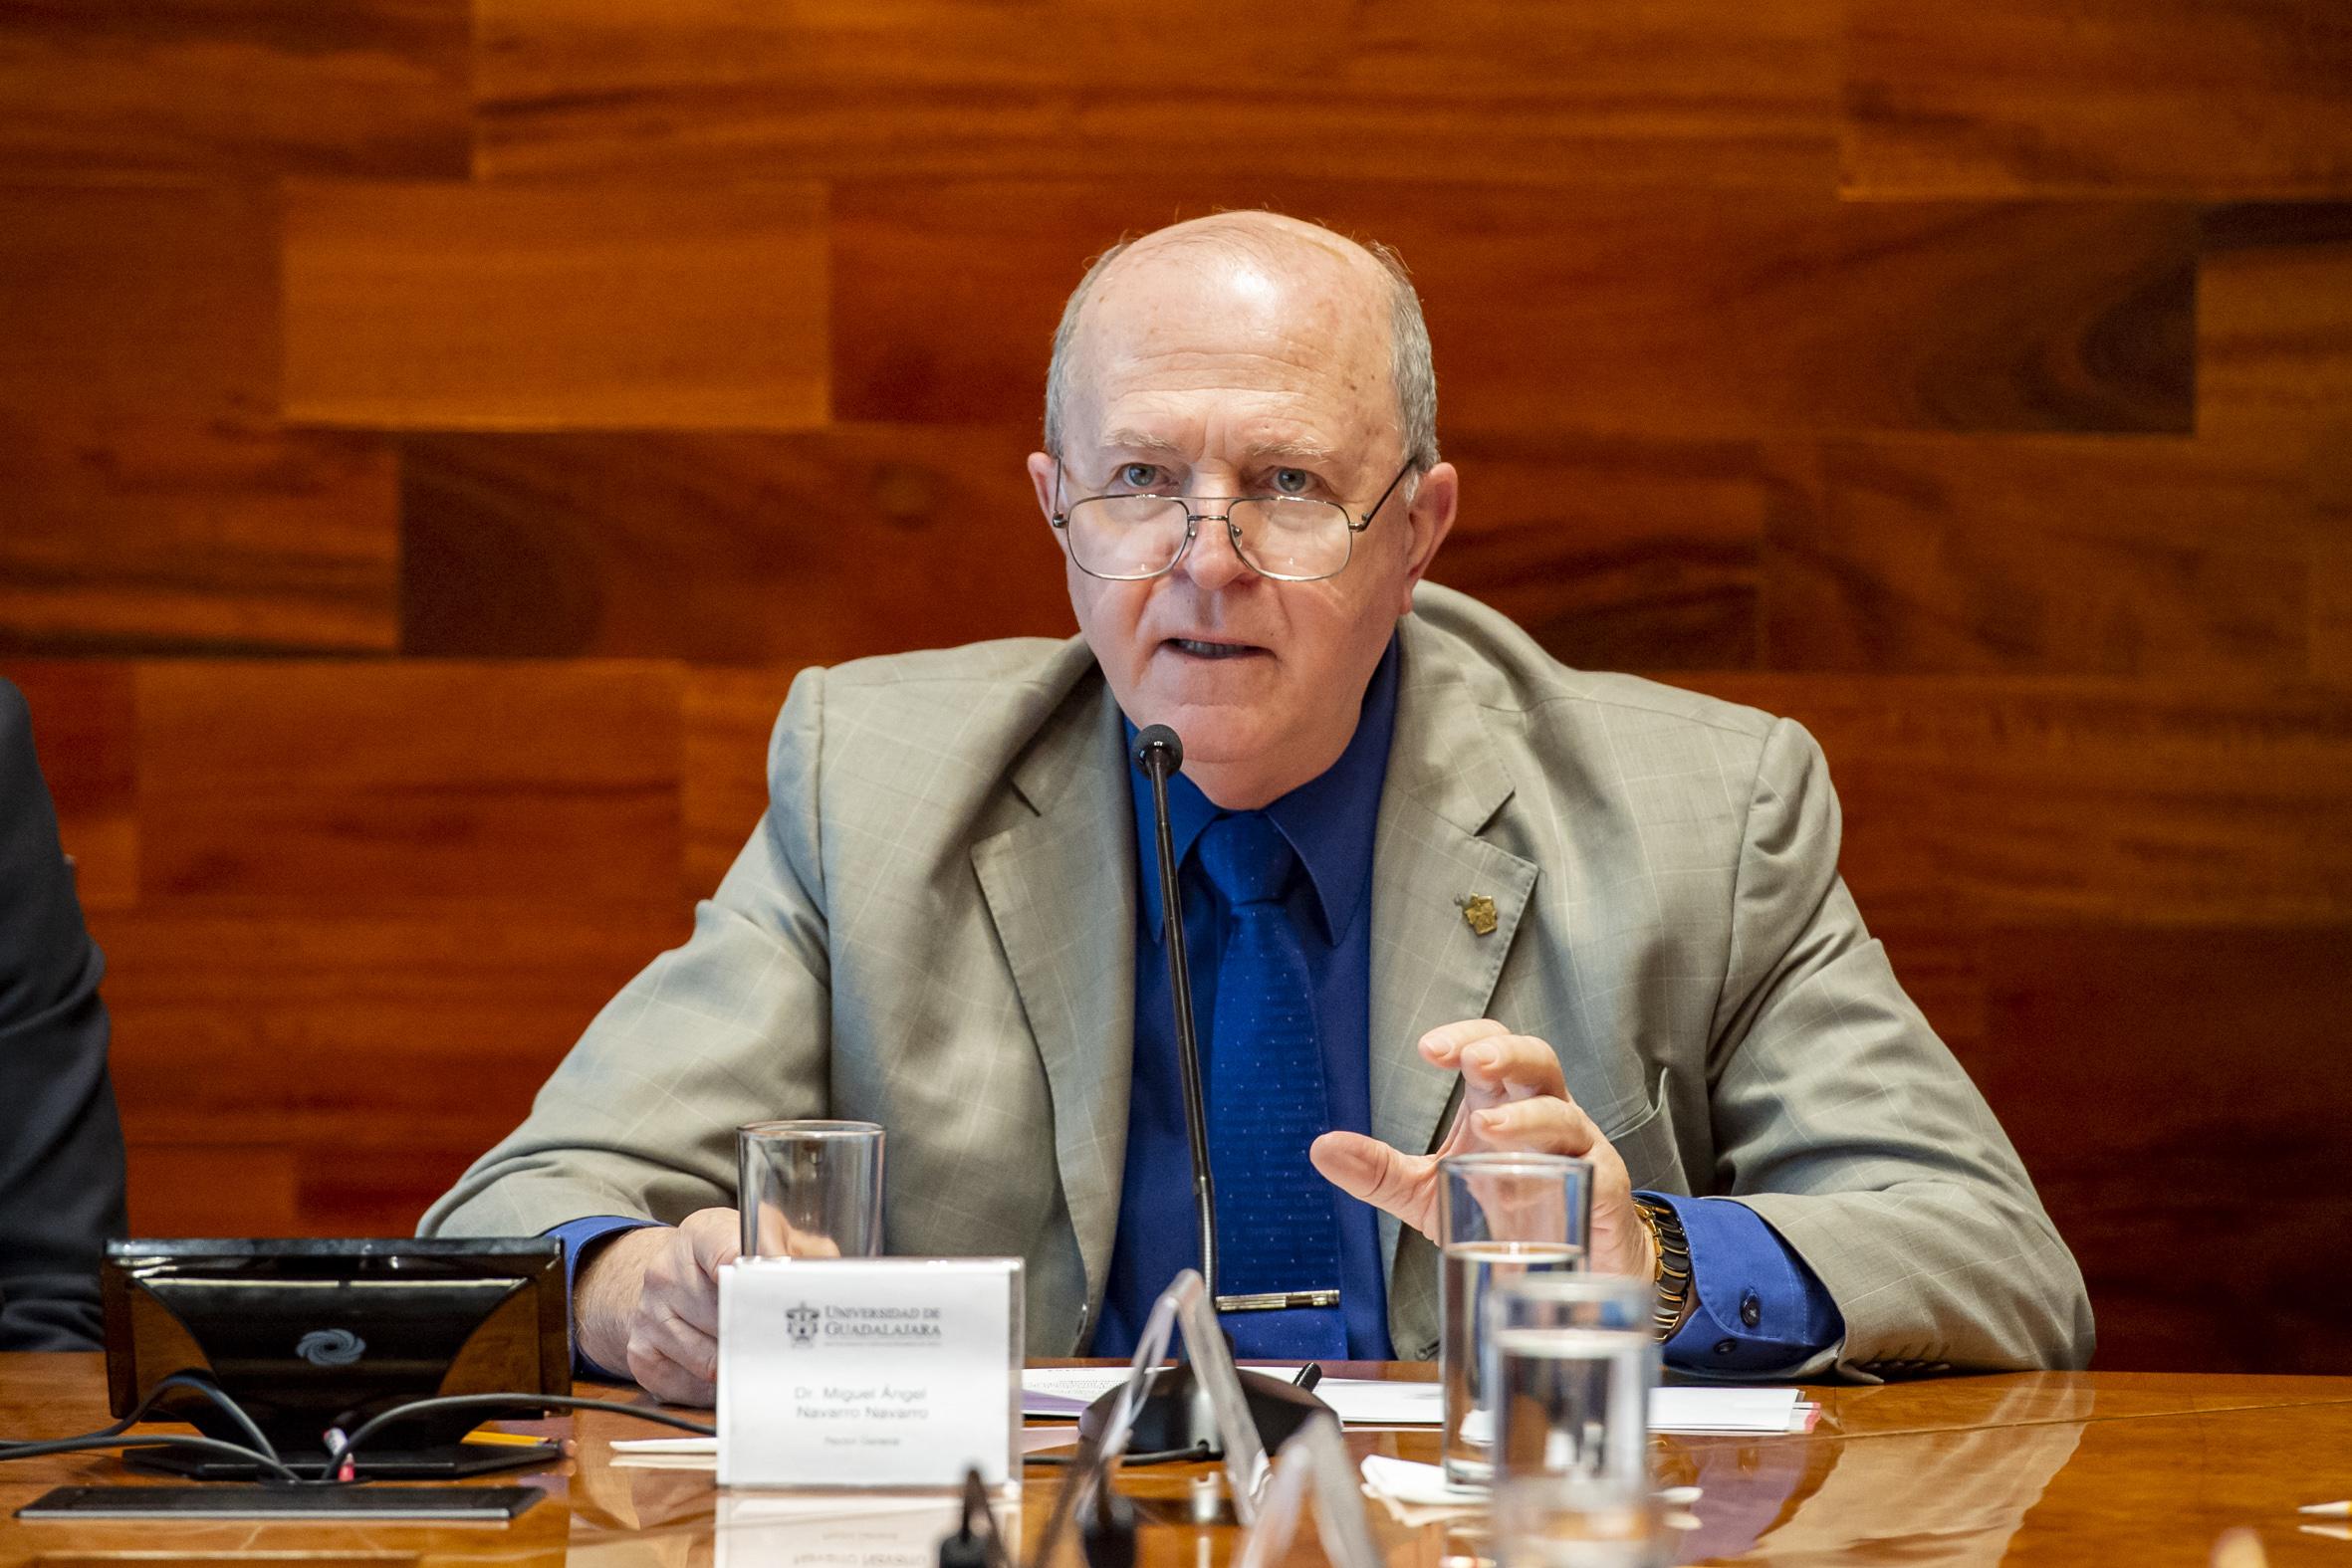 Rector General de la UdeG, doctor Miguel Ángel Navarro Navarro, haciendo uso de la palabra durante la firma de convenio